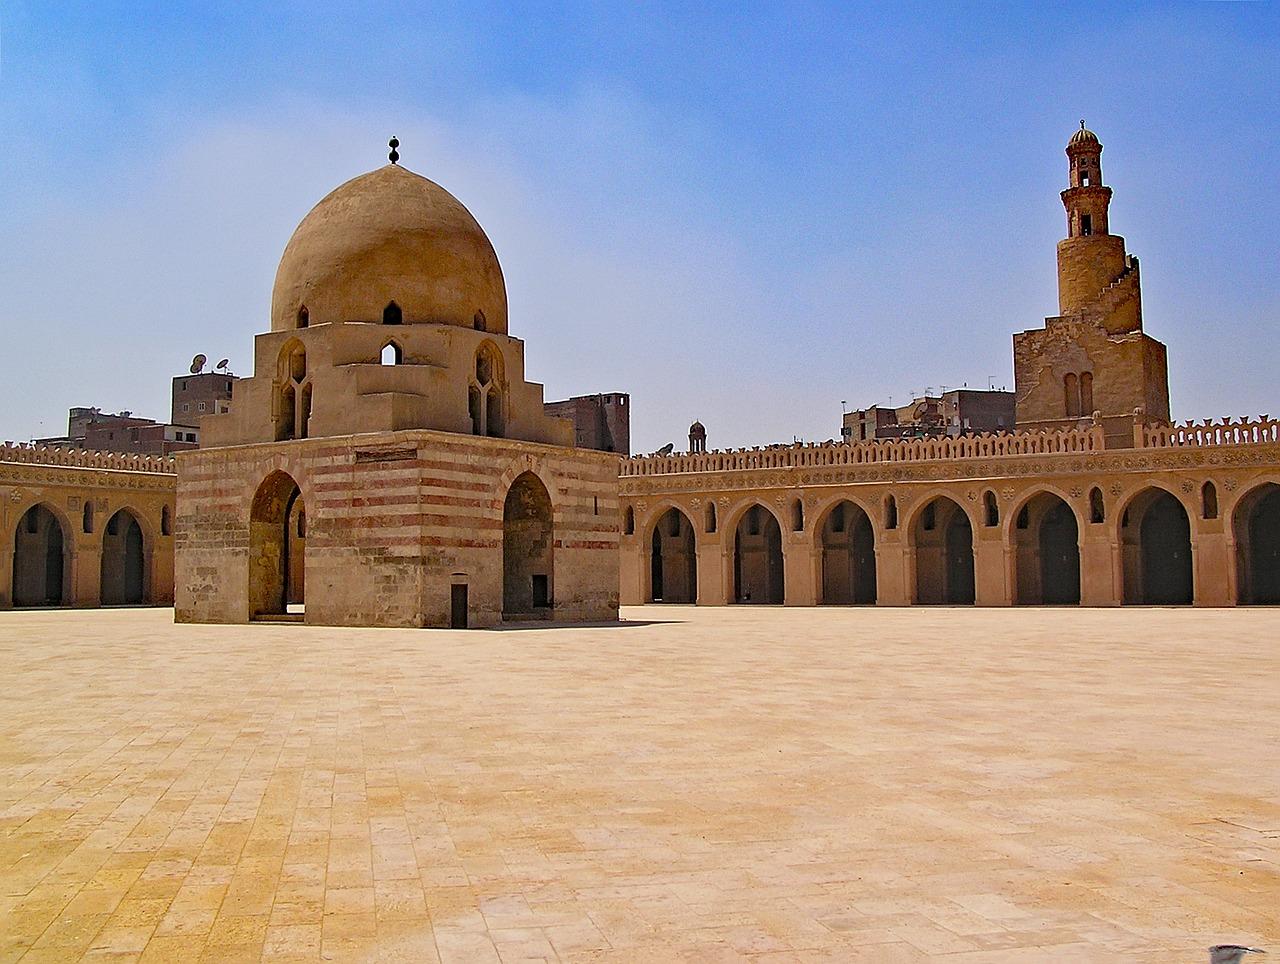 Moscheea Ibn Tulun11